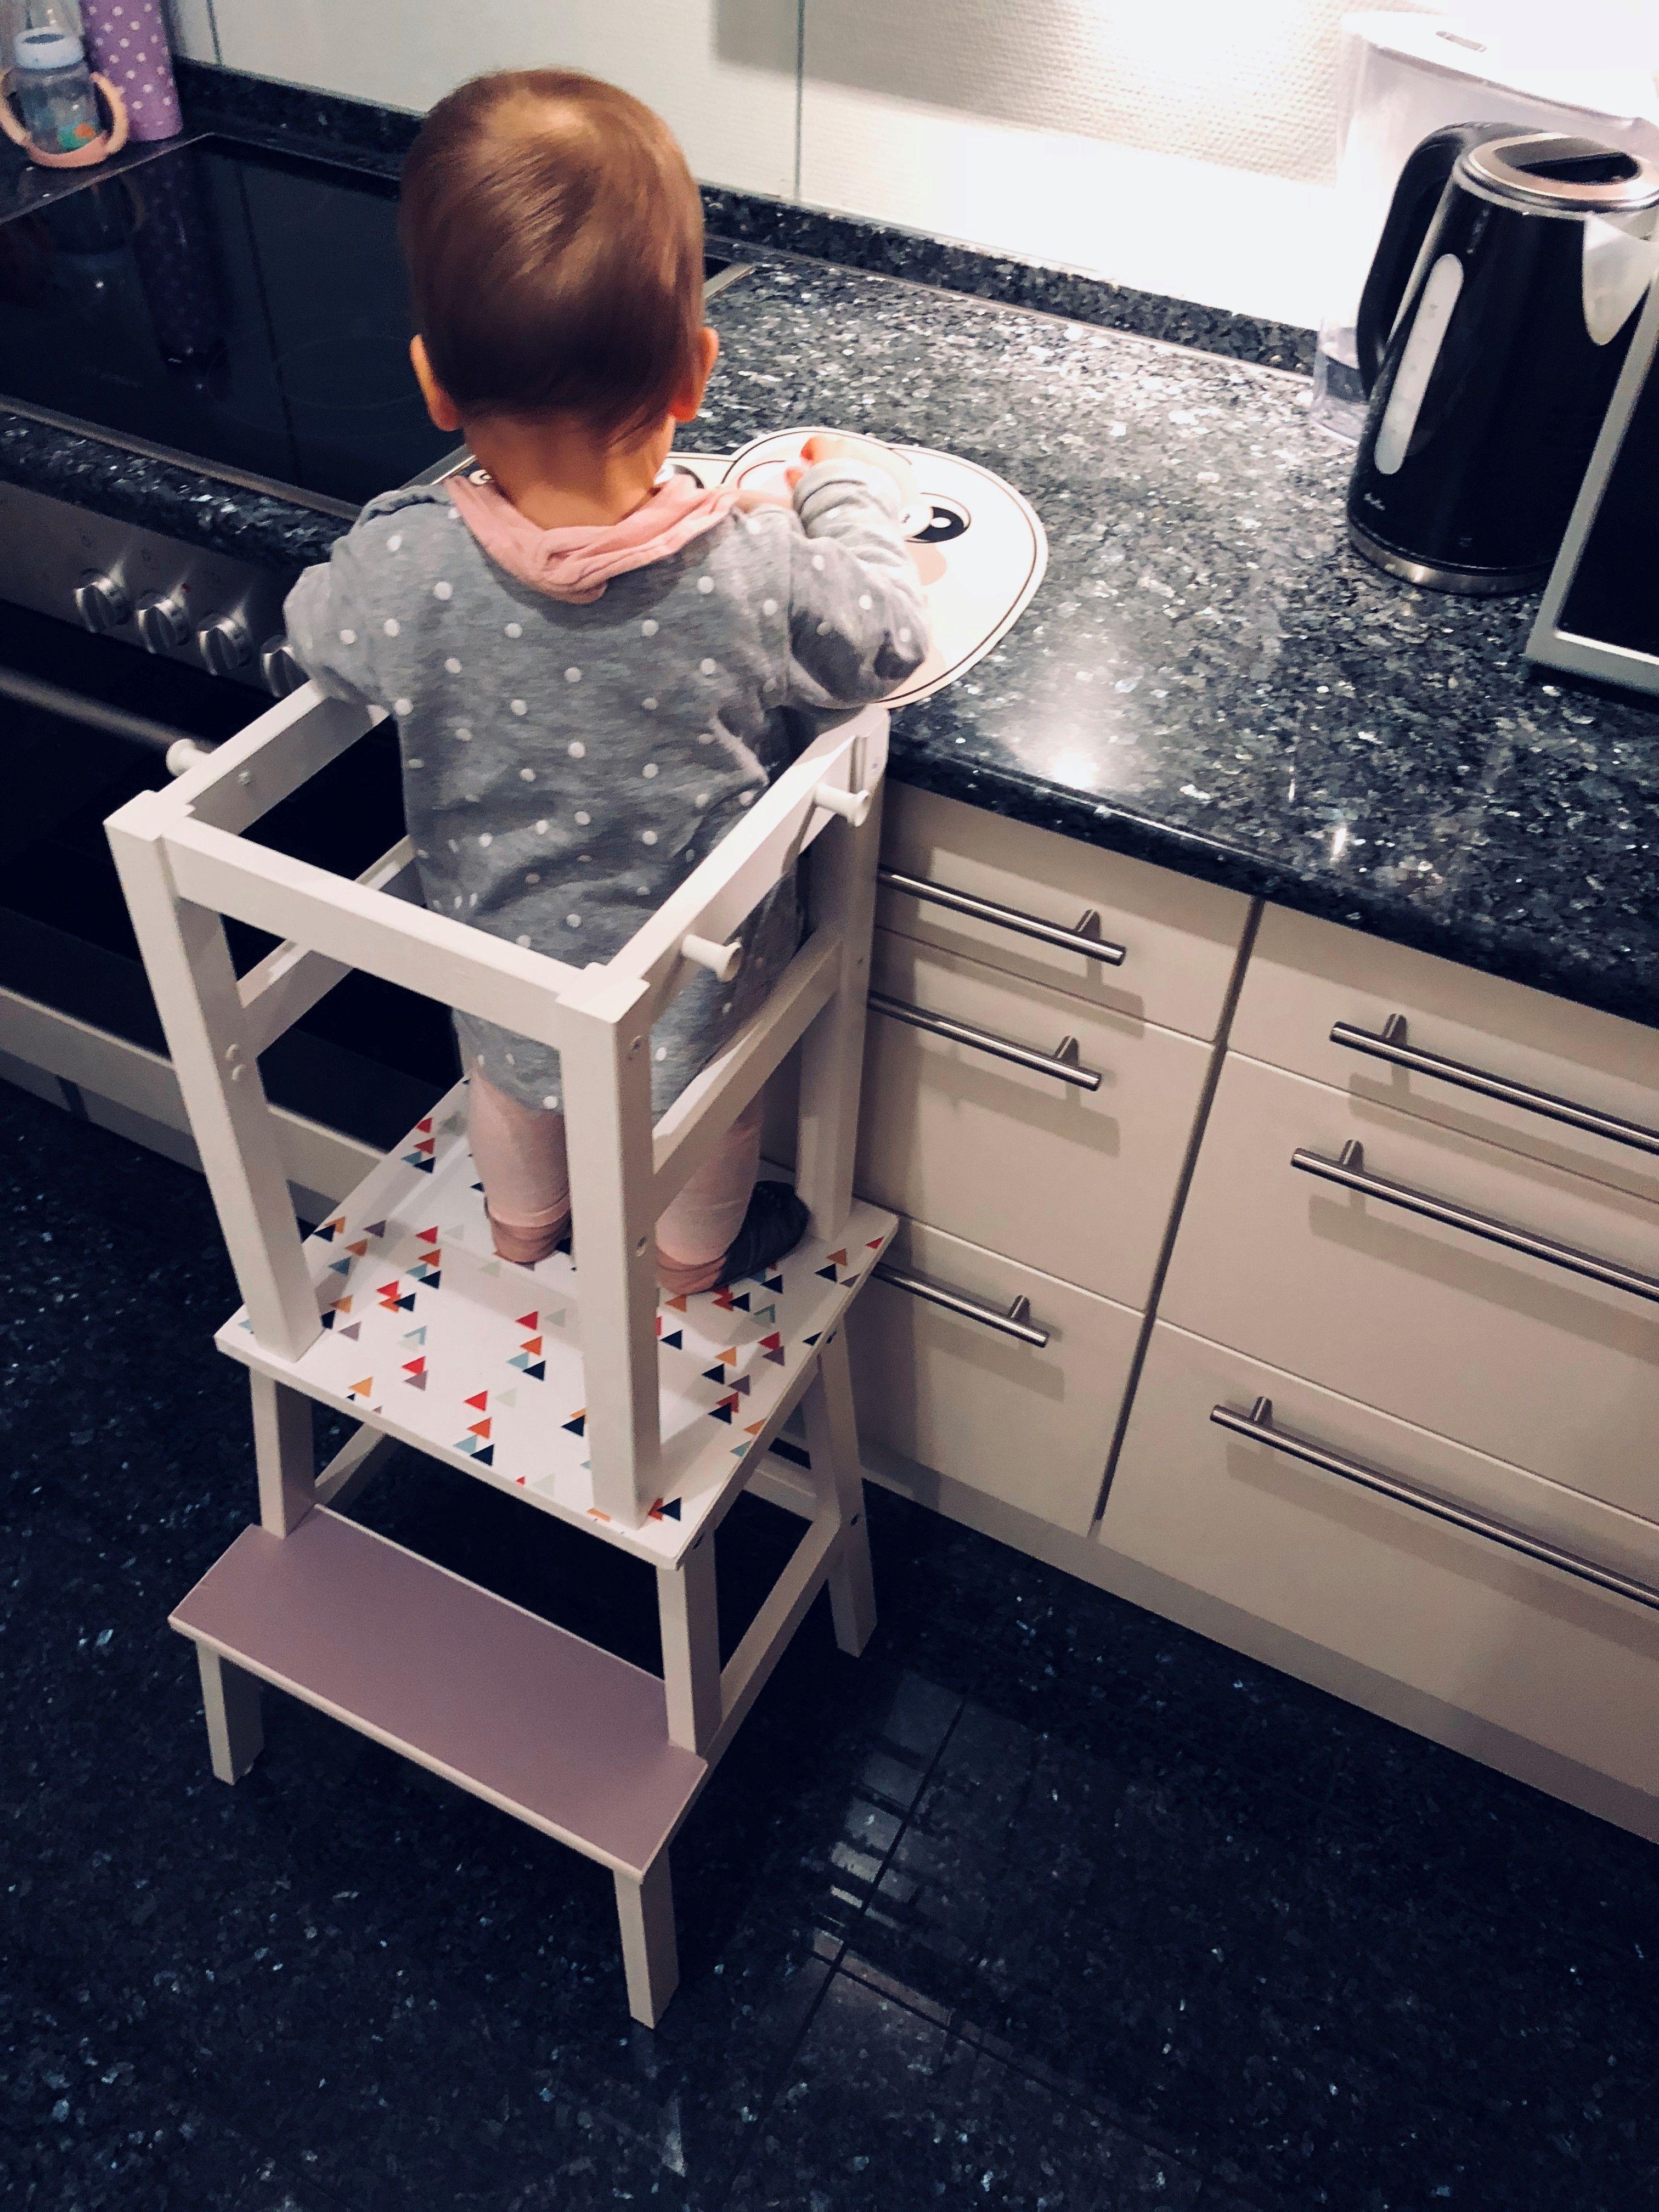 Küchen Life Hacks | Ordnung Küche Hacks Ikea Ordnung Küche